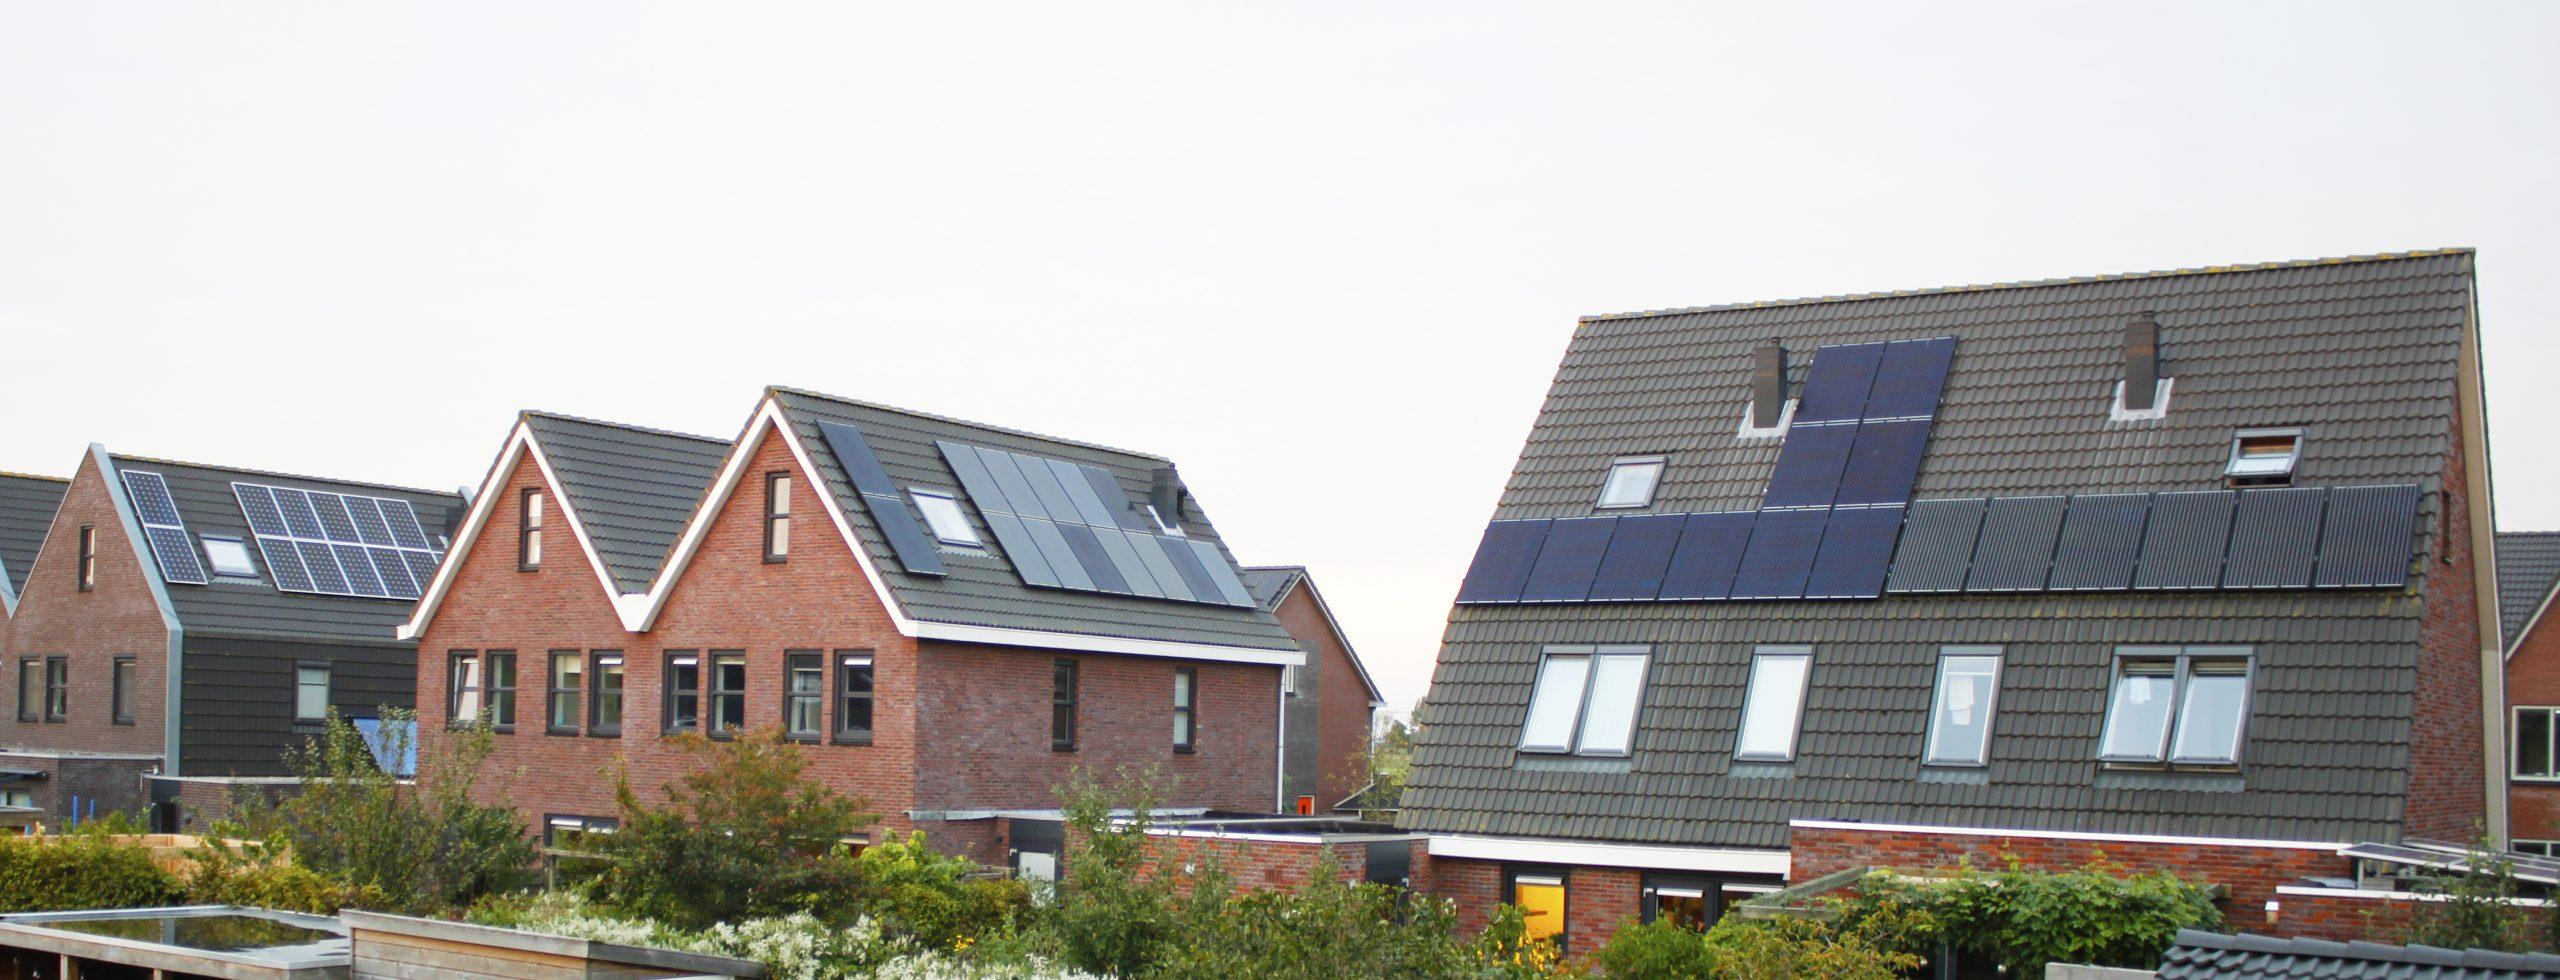 foto van huis met zonnepanelen